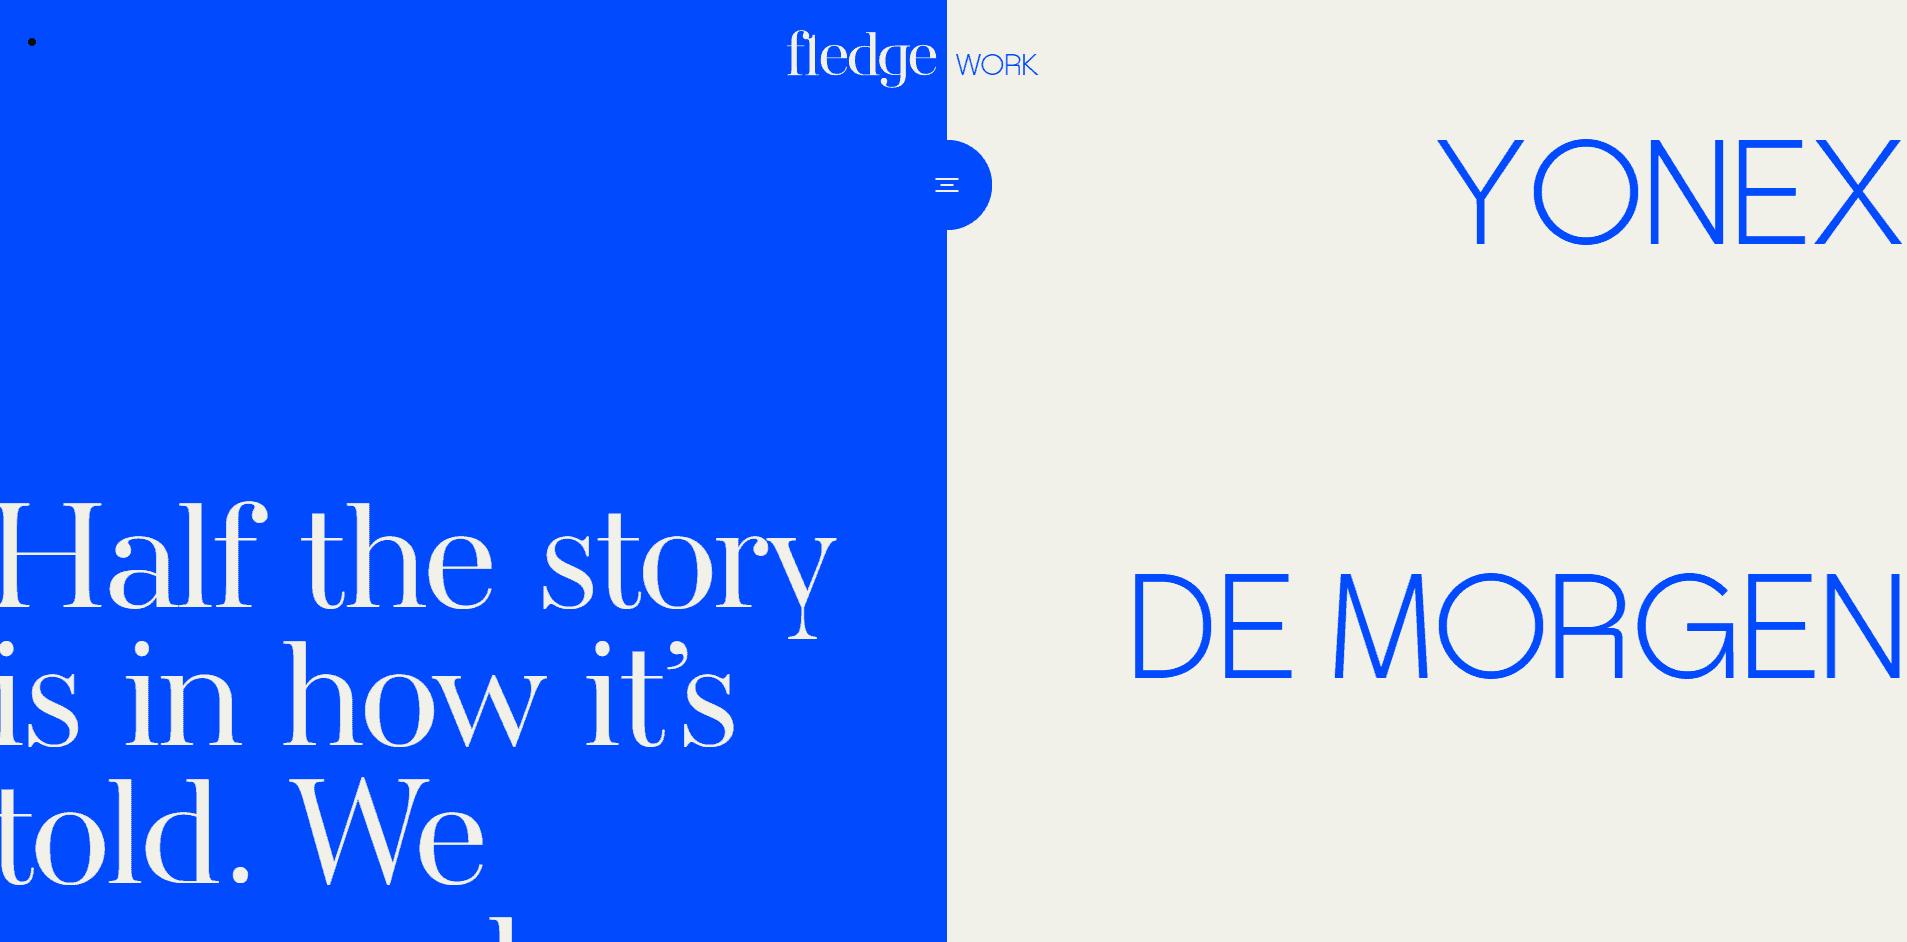 Best Agency Website for Fledge